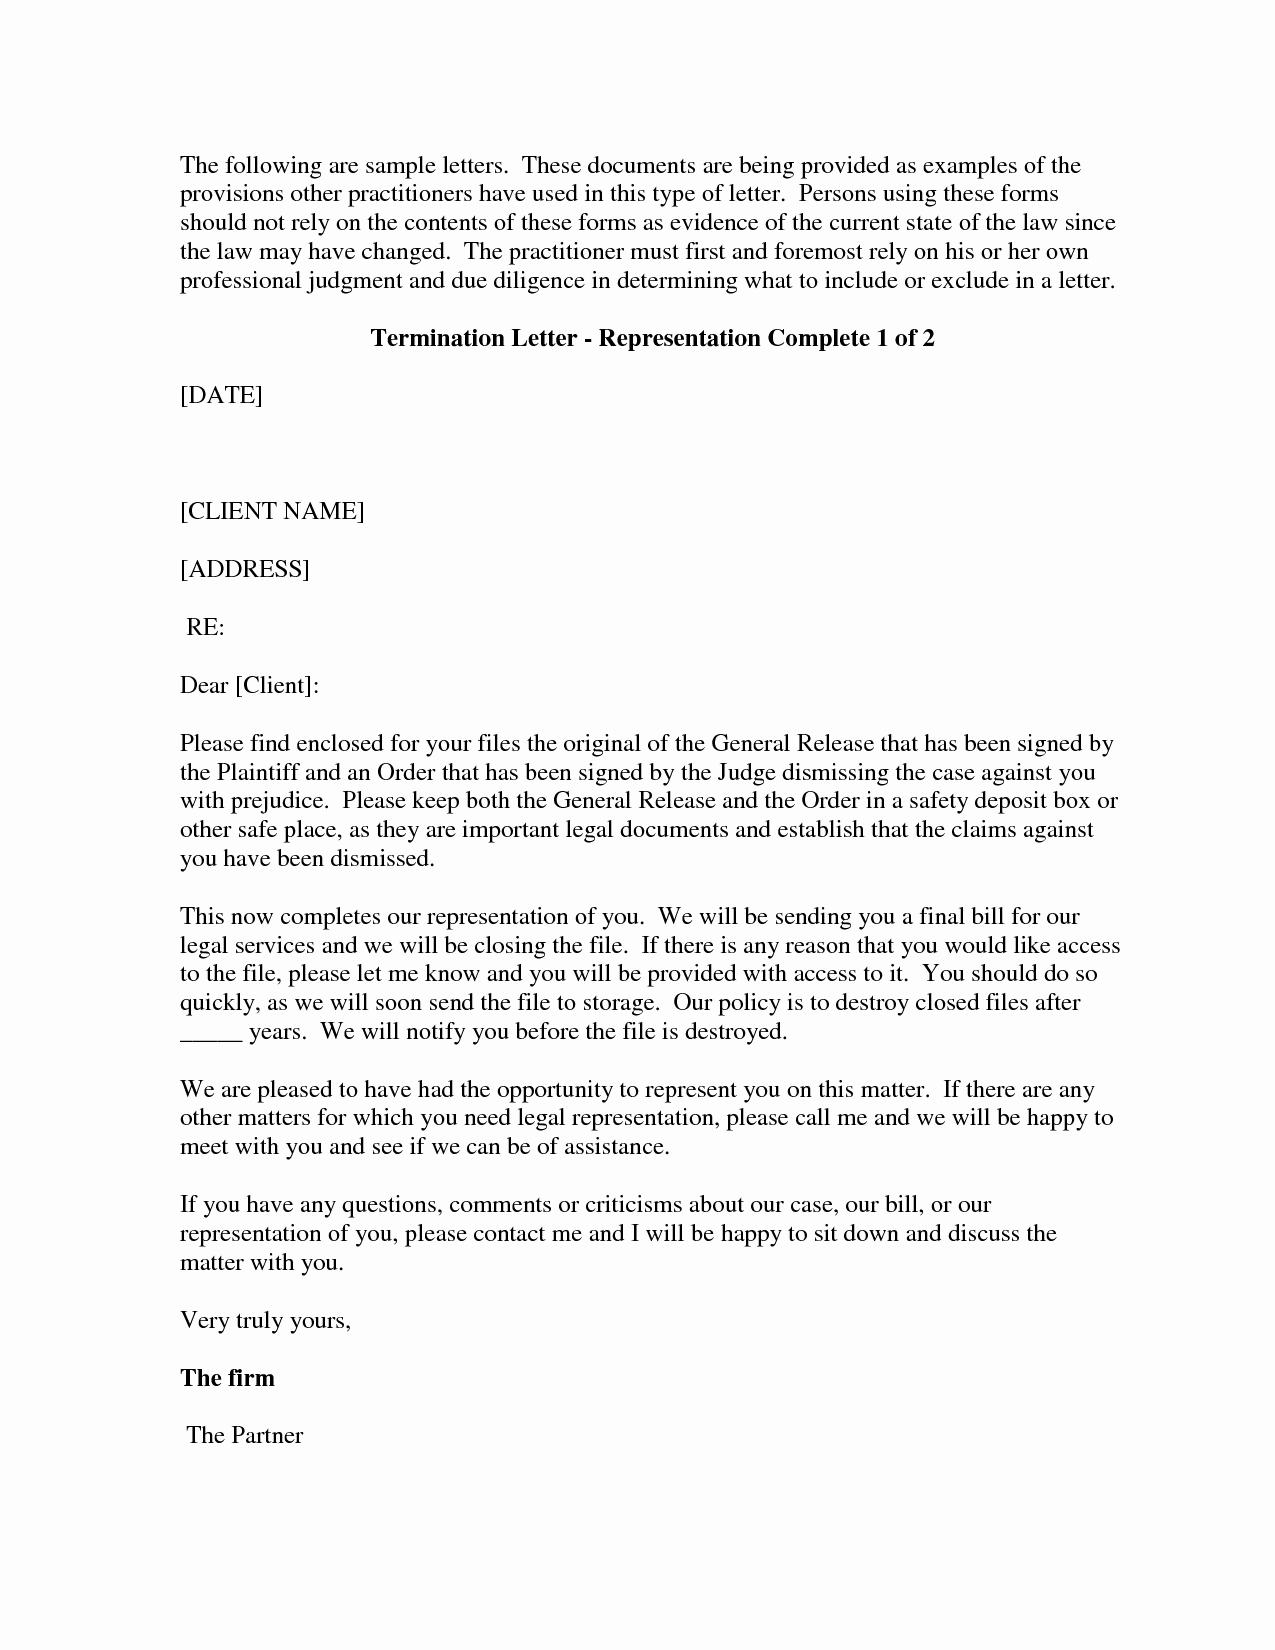 Client Termination Letter Template Inspirational Best S Of Firing A Client Letter Template Sample